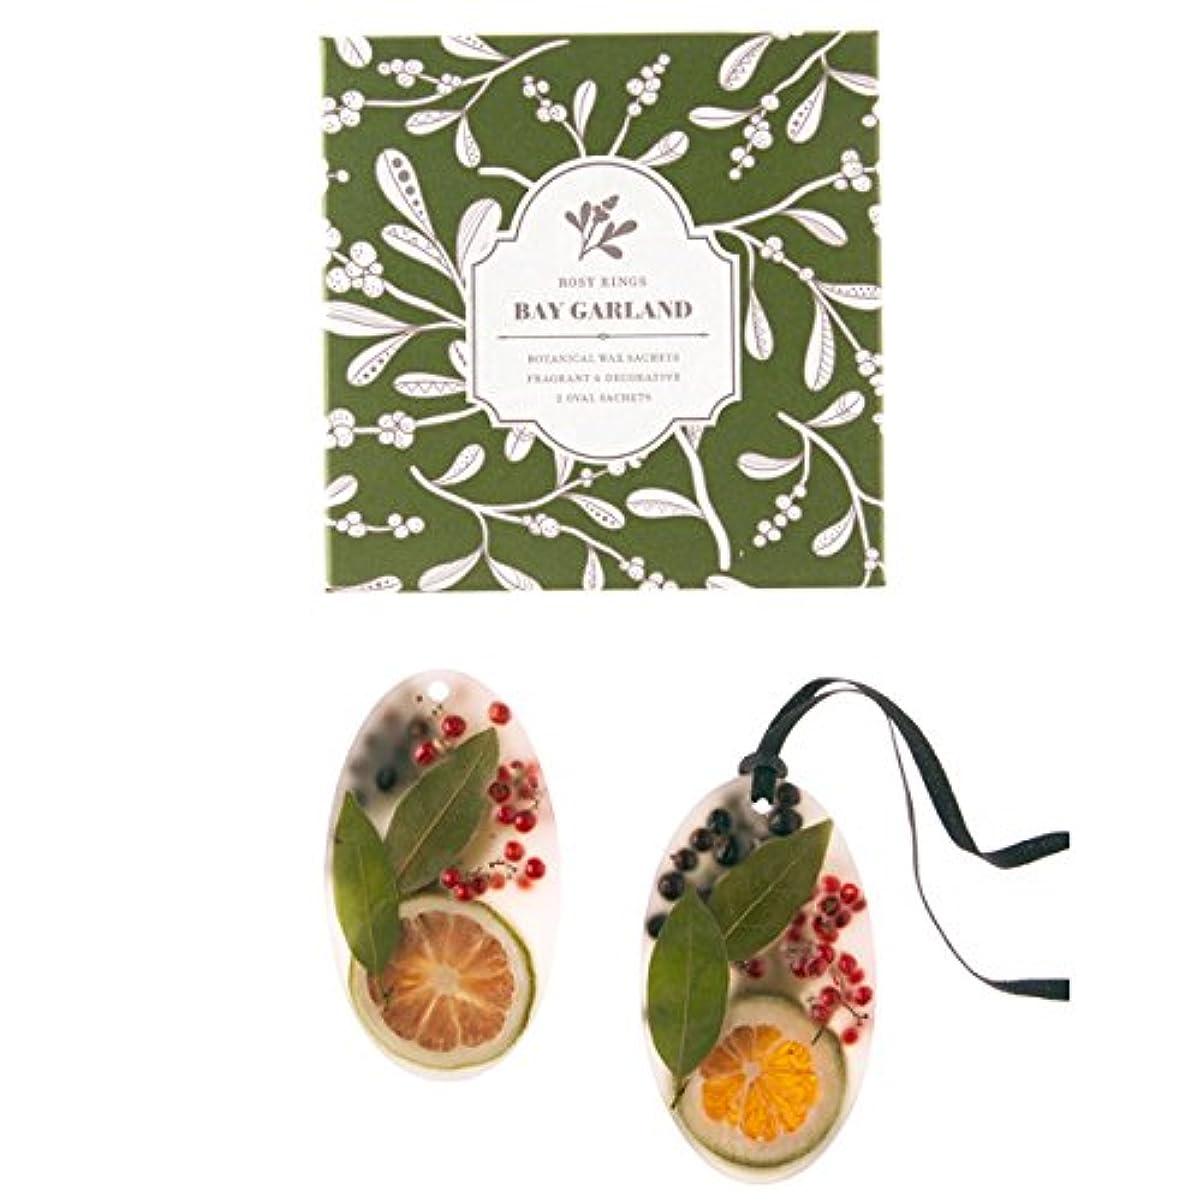 富豪ネーピア期待するロージーリングス ボタニカルワックスサシェ オーバル ベイガーランド ROSY RINGS Signature Collection Botanical Wax Sachets – Bay Garland